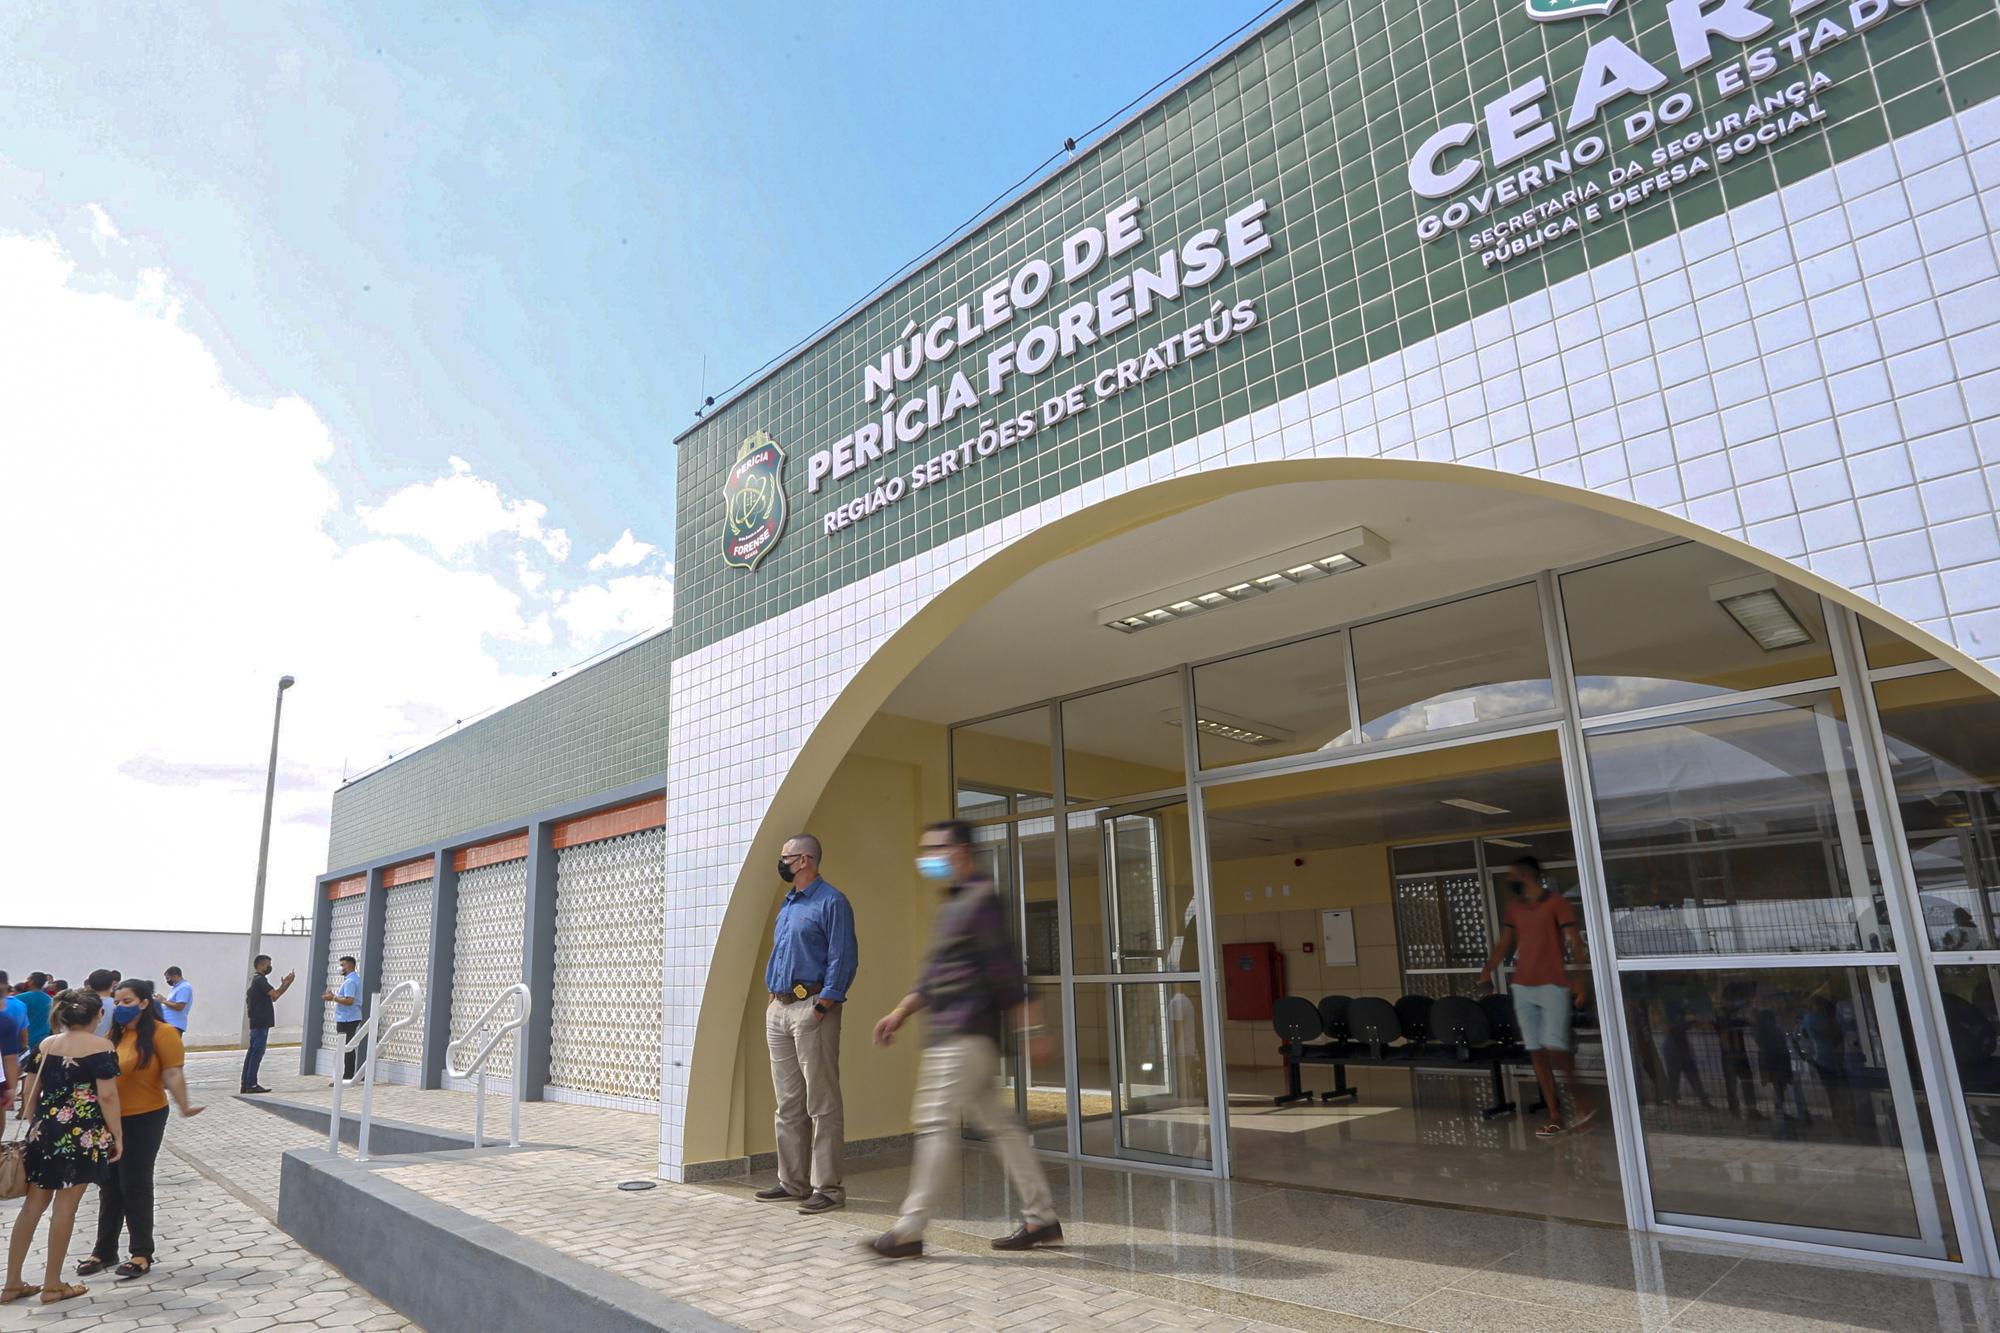 Governo do Ceará inaugura novo núcleo da Perícia Forense em Crateús